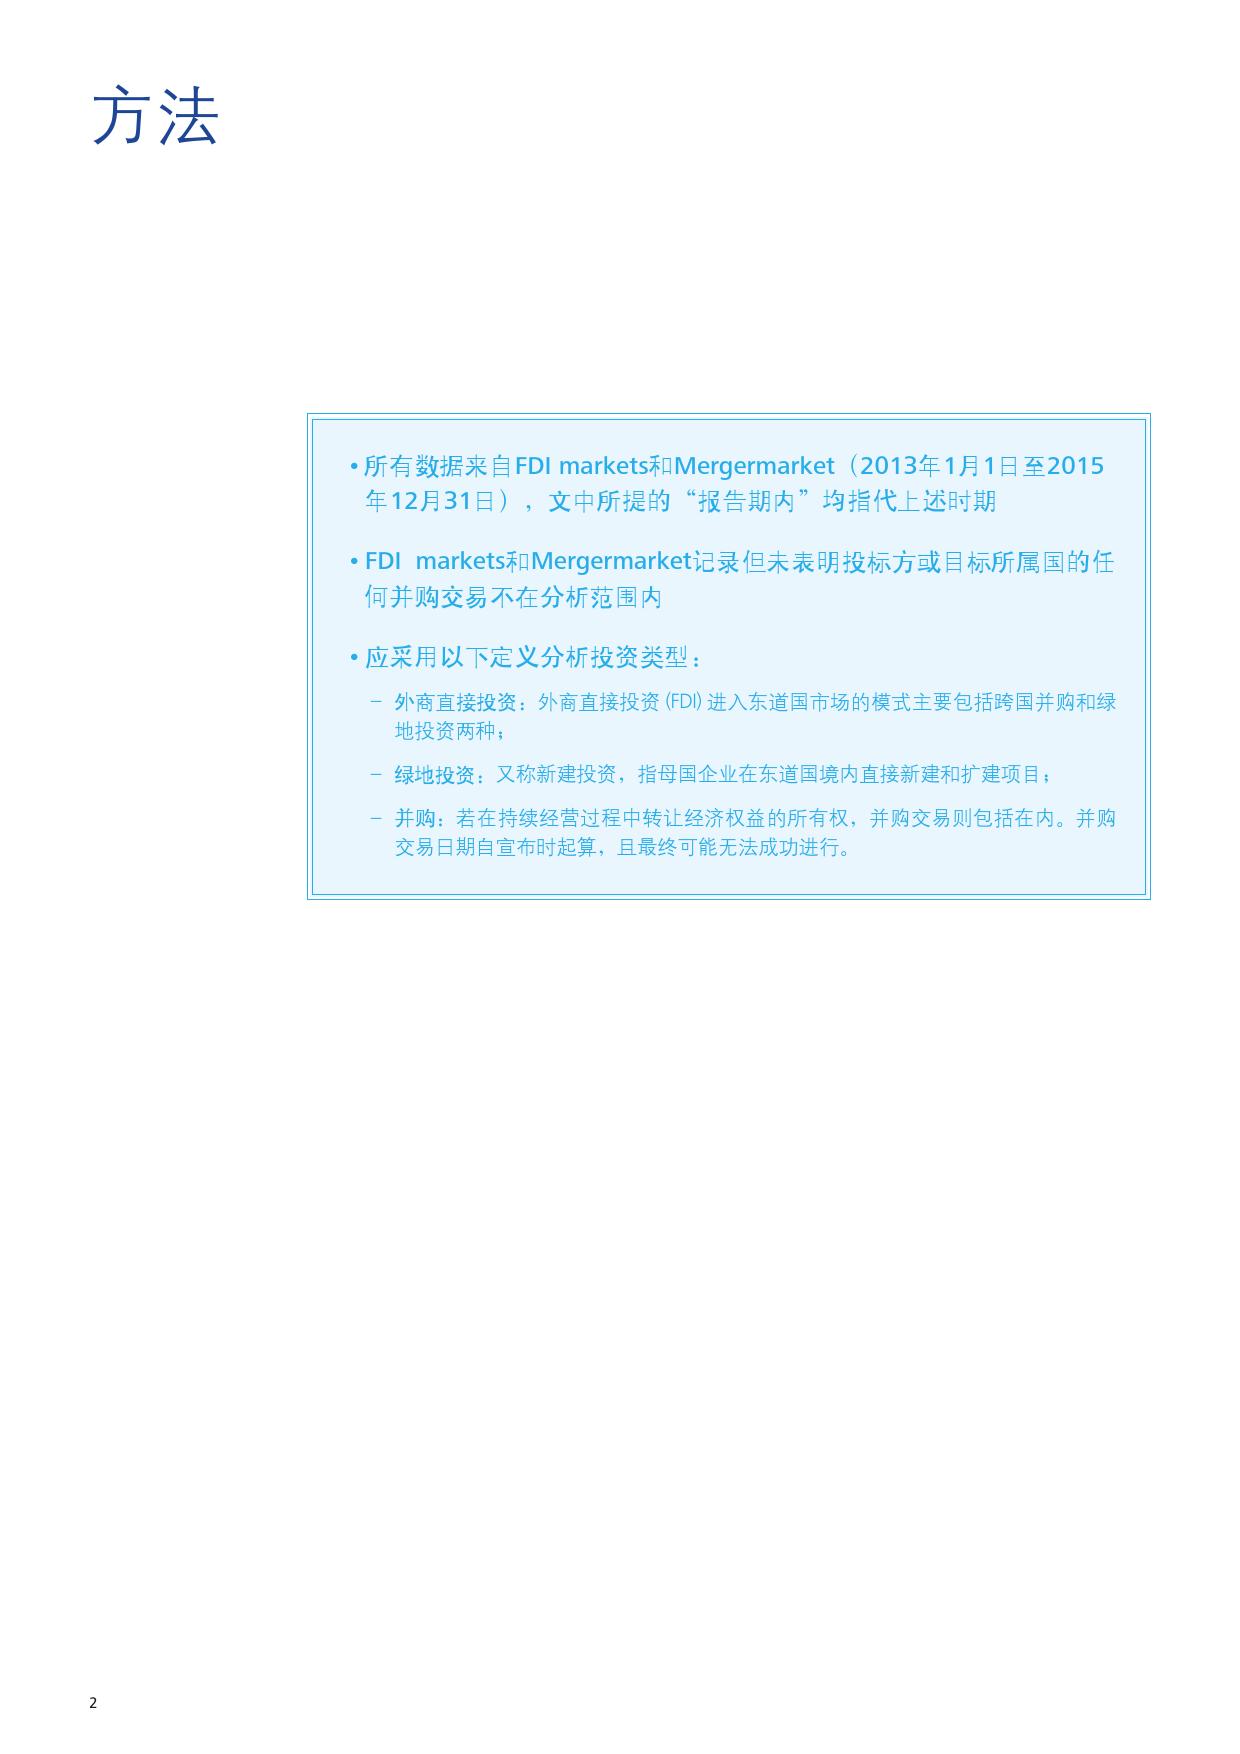 2016中国汽车行业对外投资报告_000004